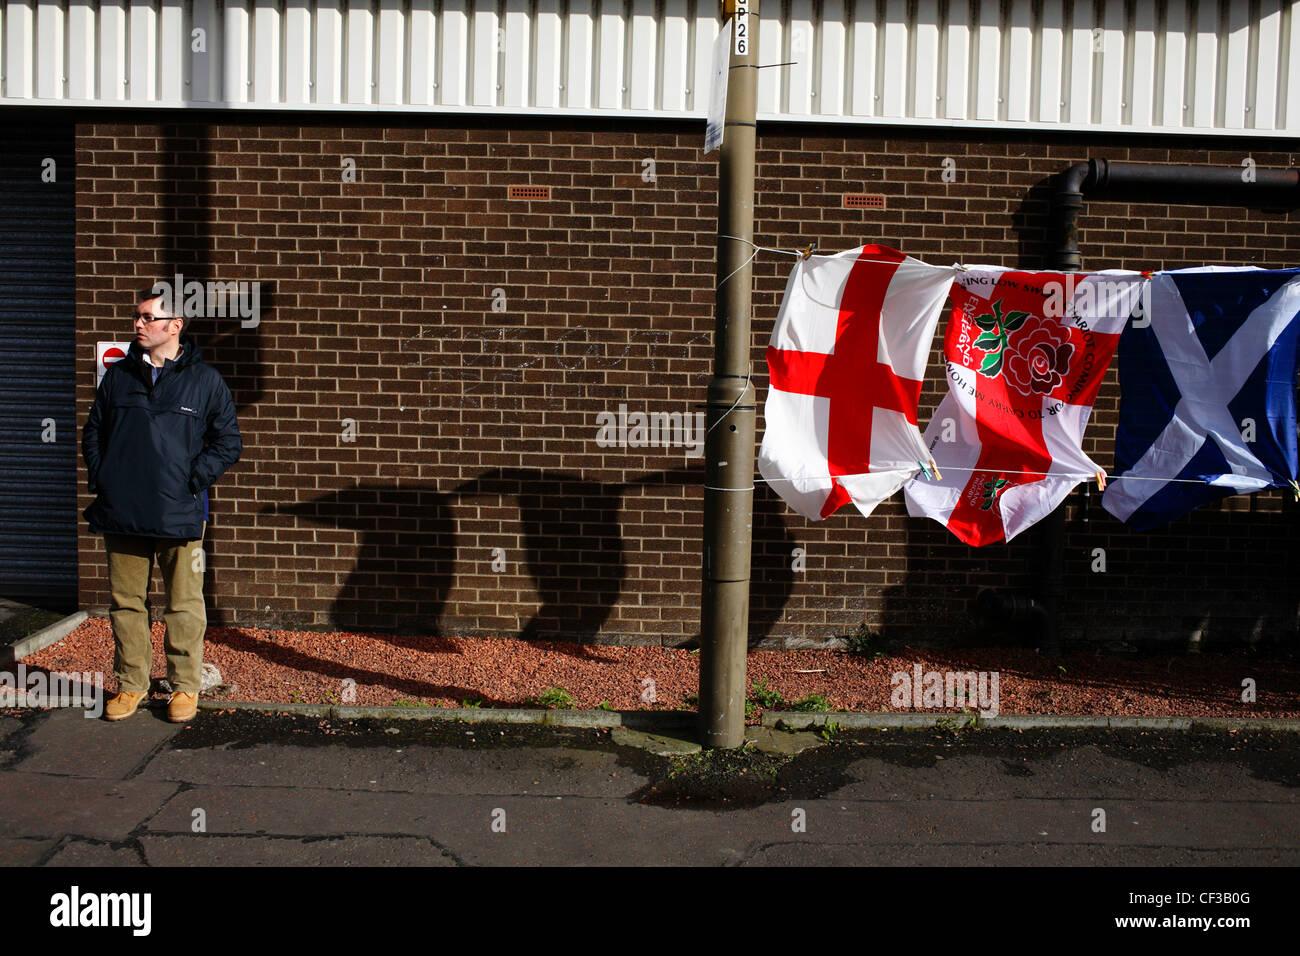 Une France rugby partisan à l'extérieur du stade de Murrayfield à Édimbourg. Photo Stock